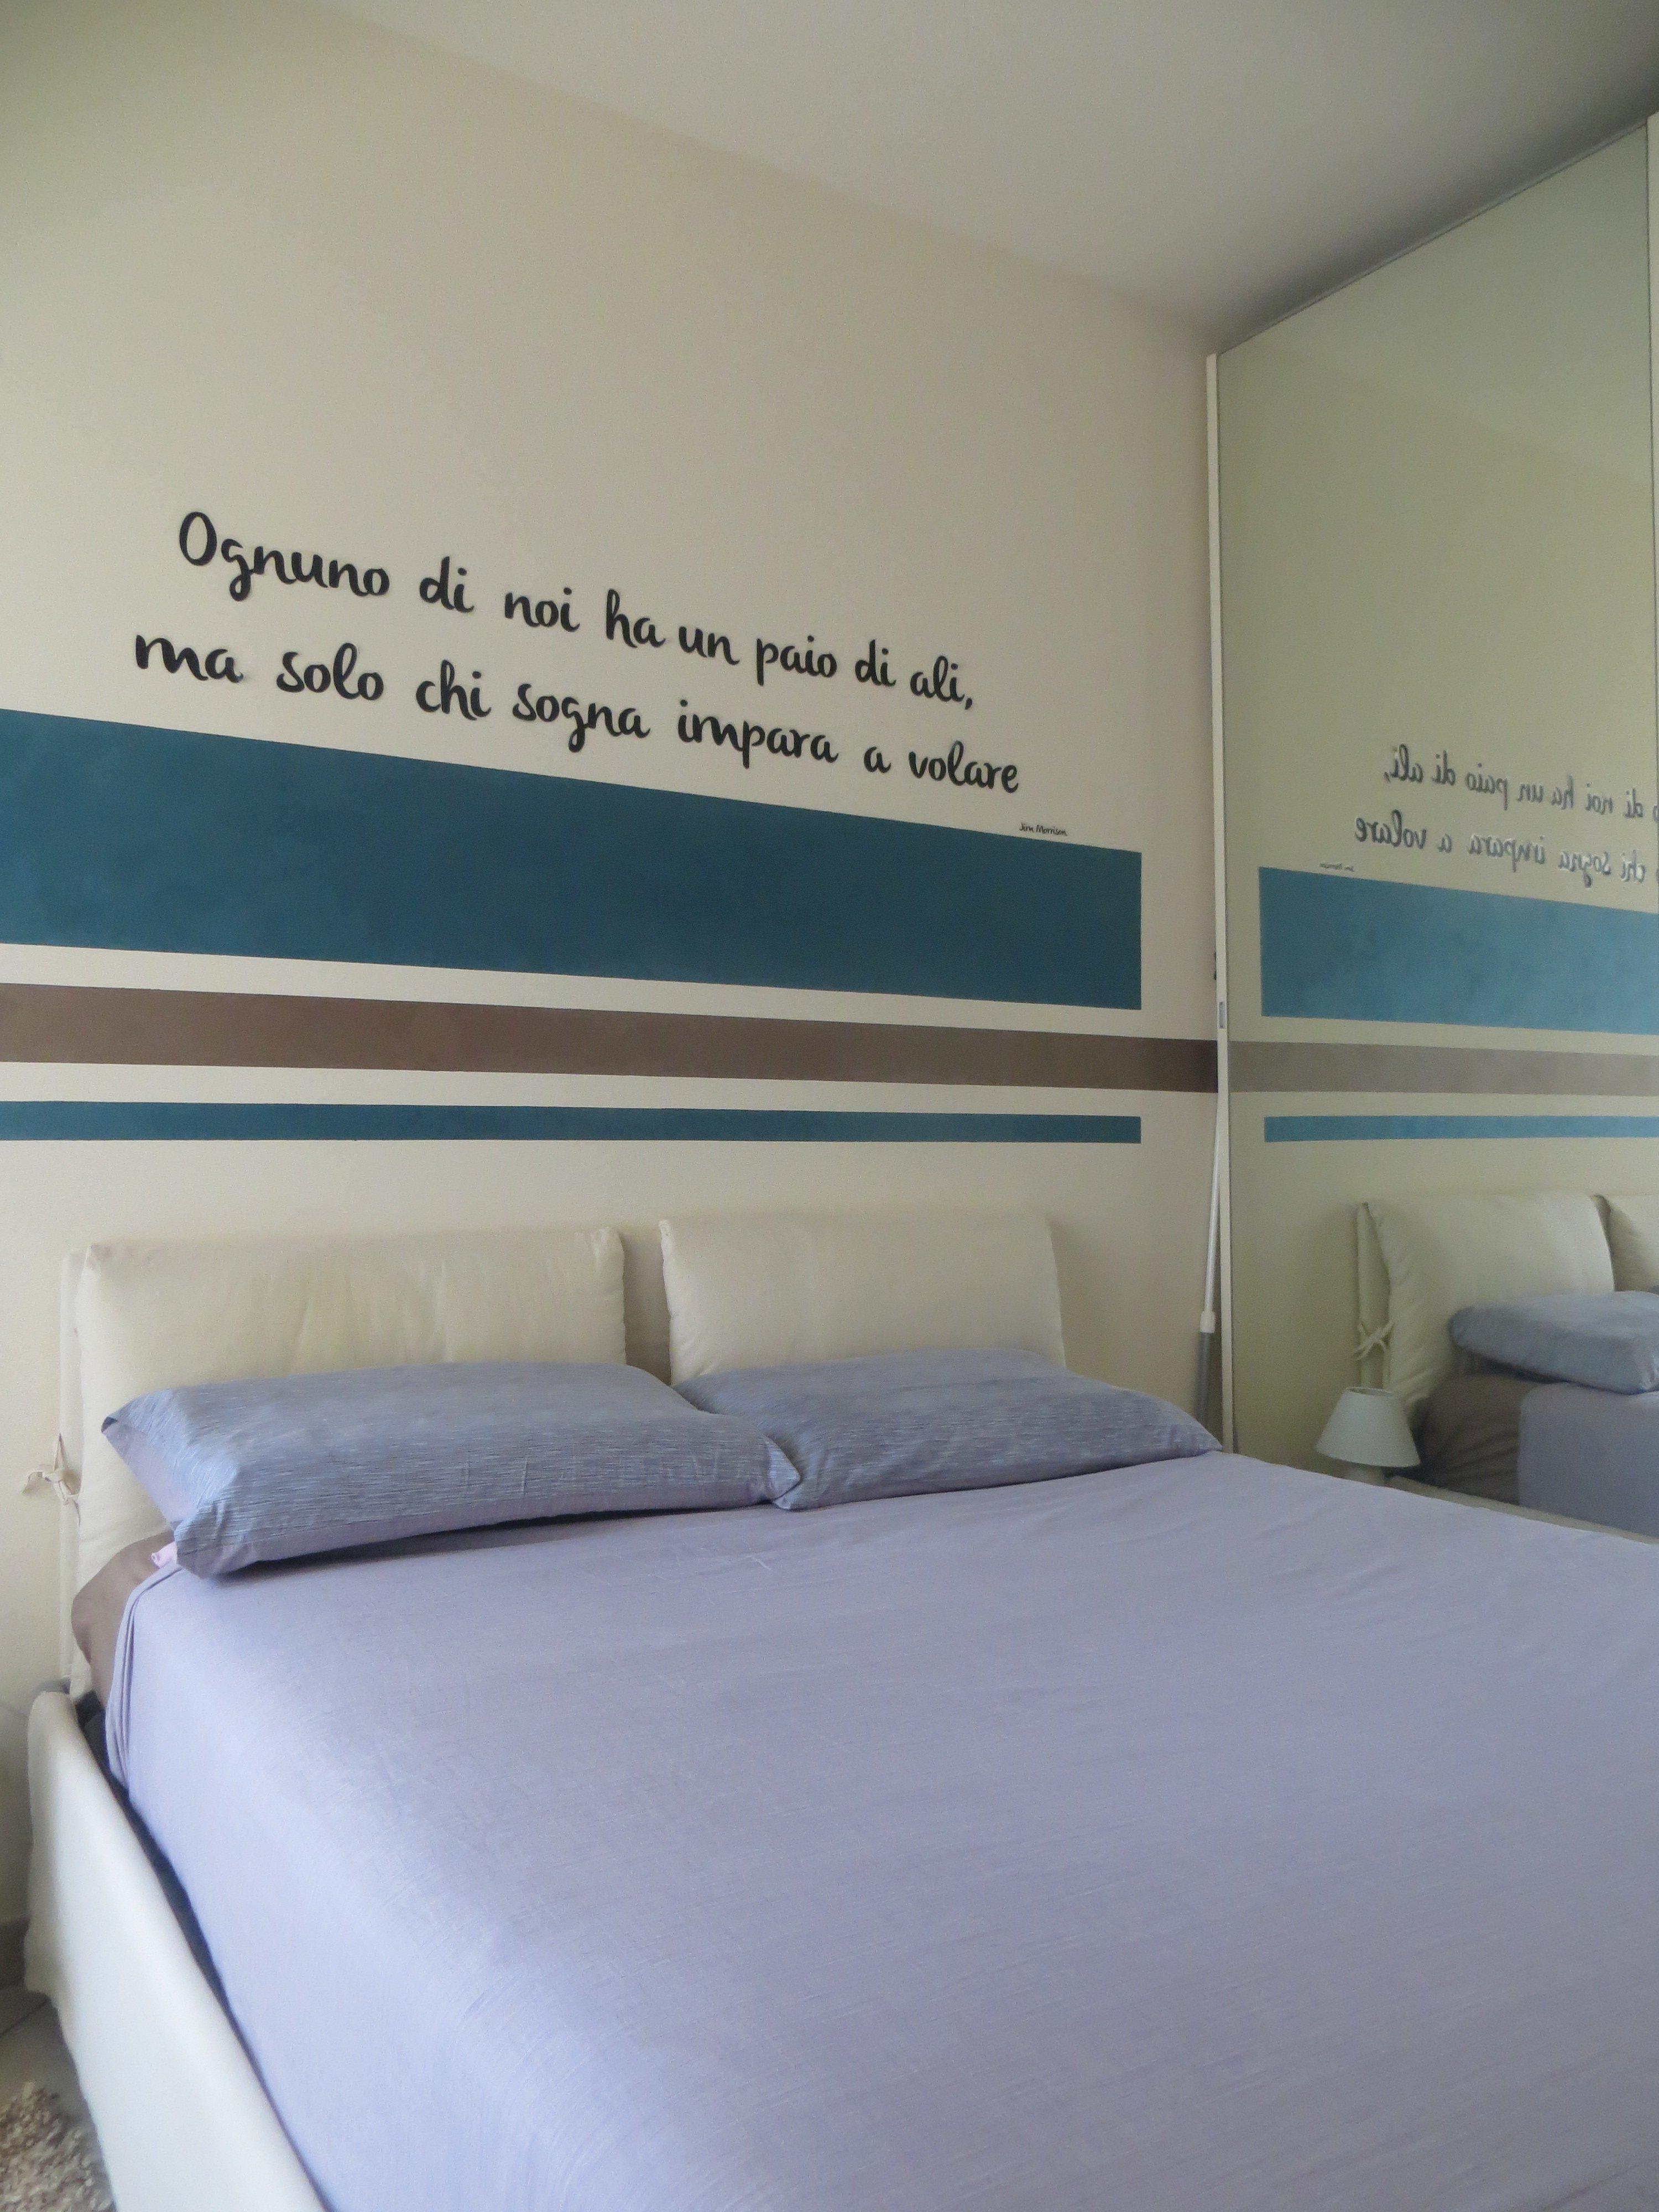 letto con lenzuola blu e una frase scritta sulla parete